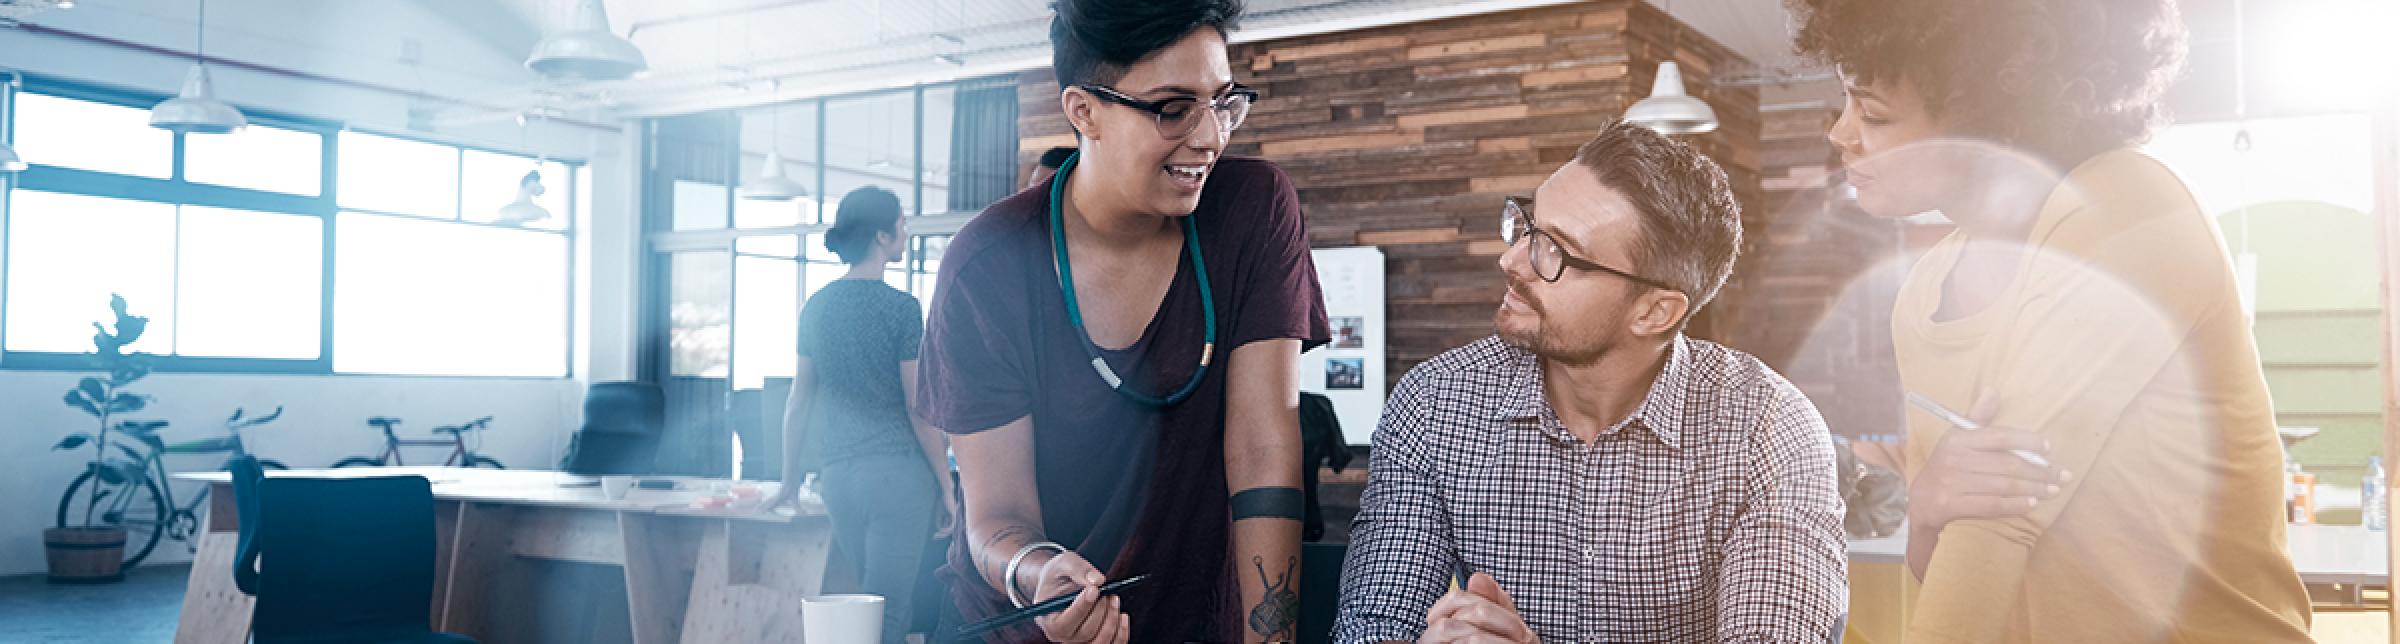 Immagine raffigurante 3 giovani, 2 donne e un uomo, che lavorano ad un progetto intorno ad un tavolo